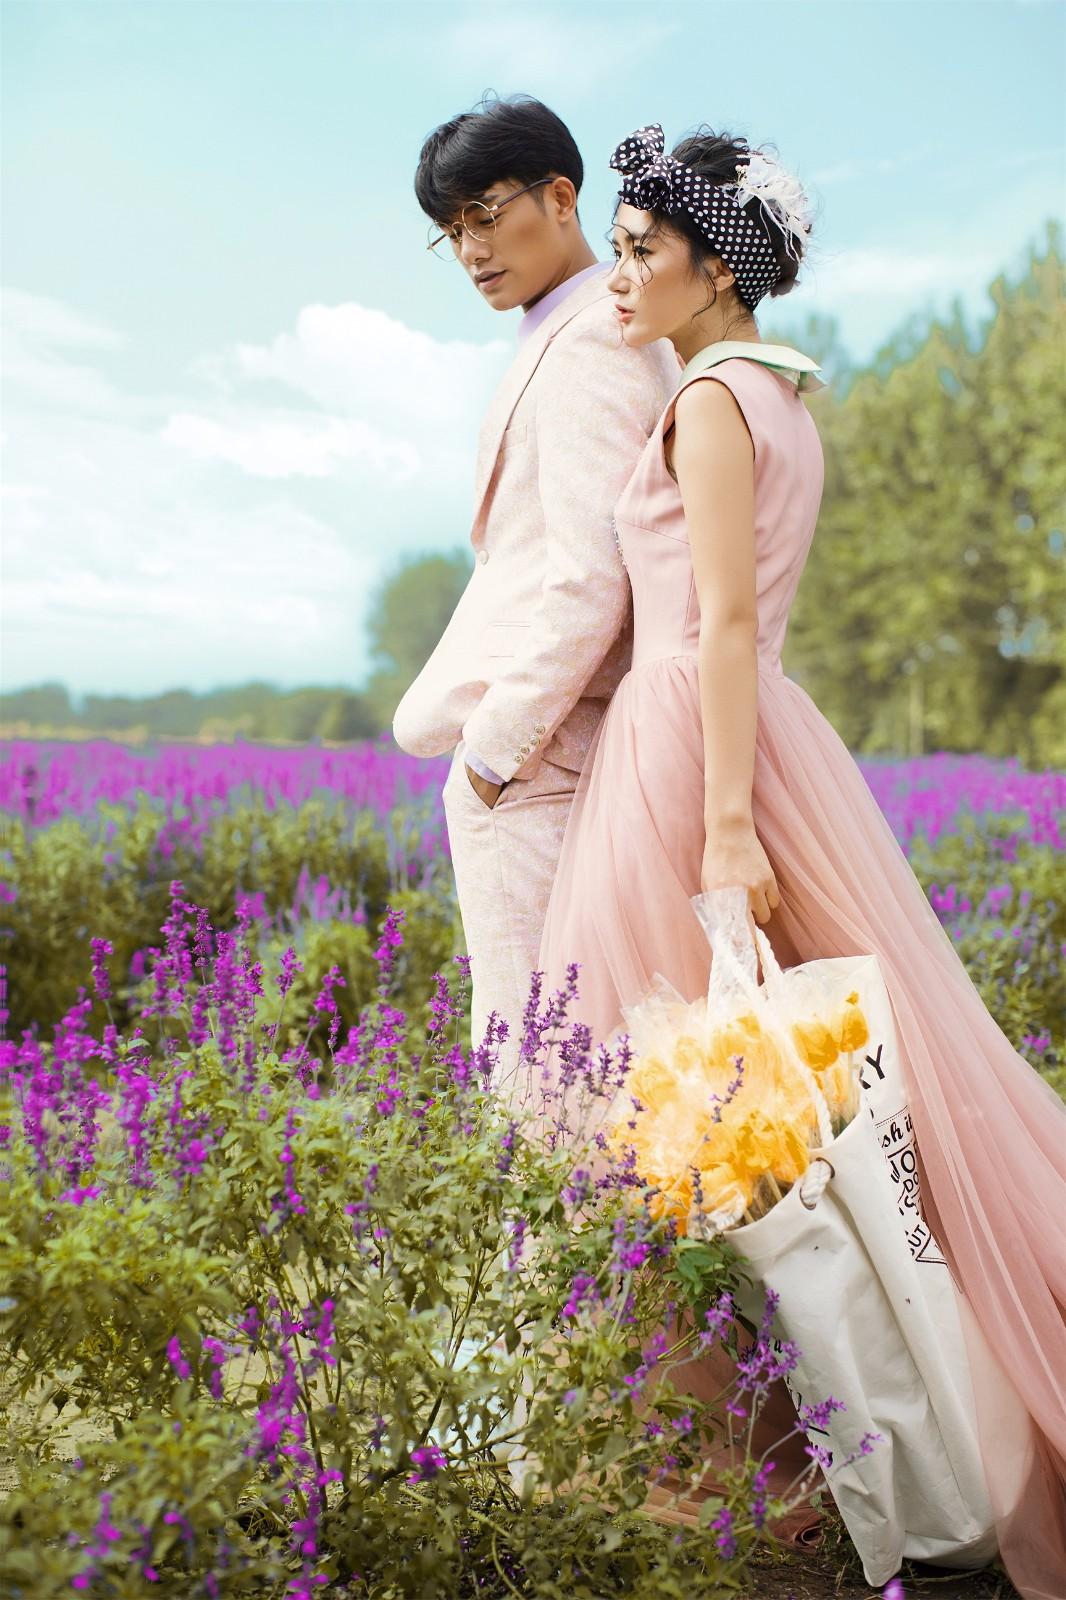 超级美丽的新娘妆图片,哪款才是你的最爱呢?